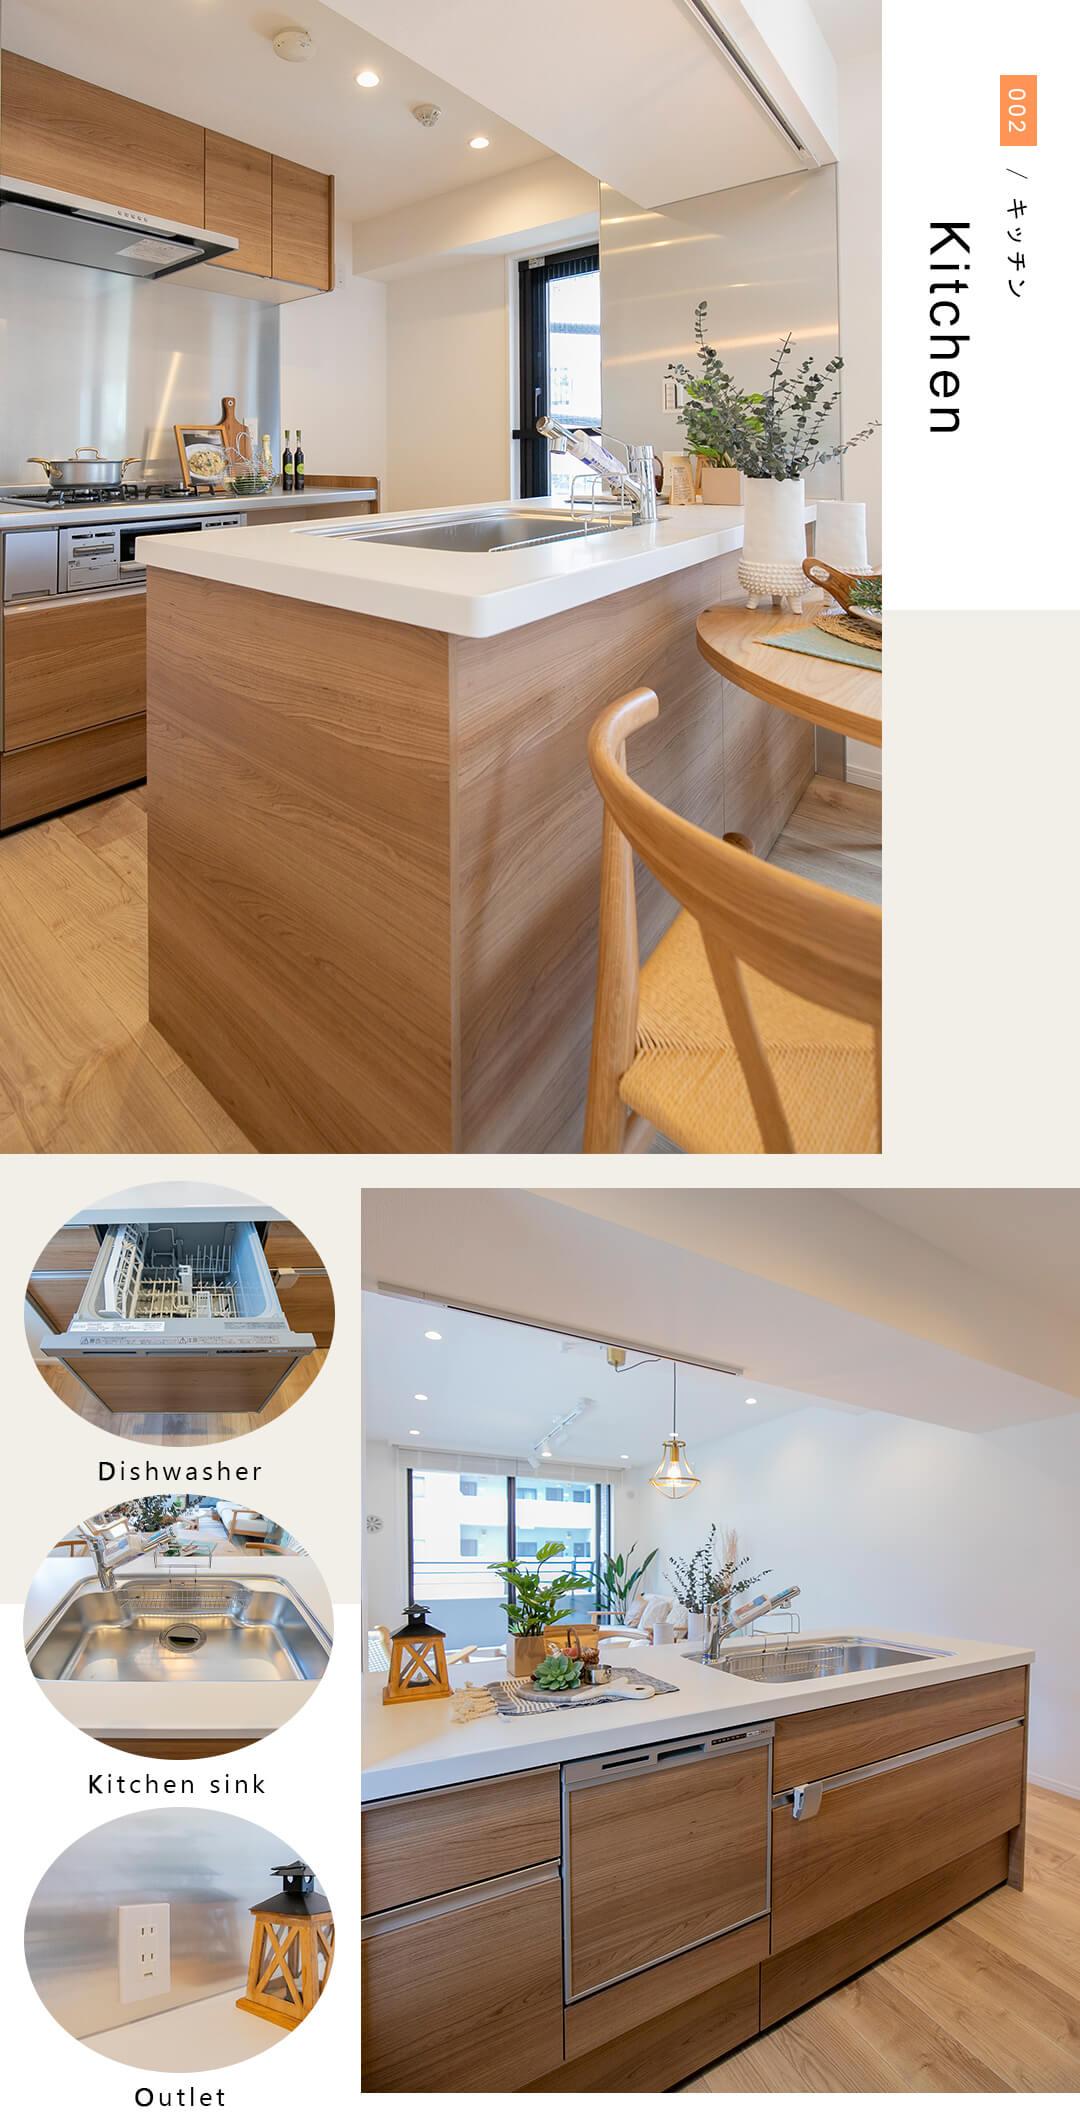 ザ・パームス代々木Ⅲのキッチン